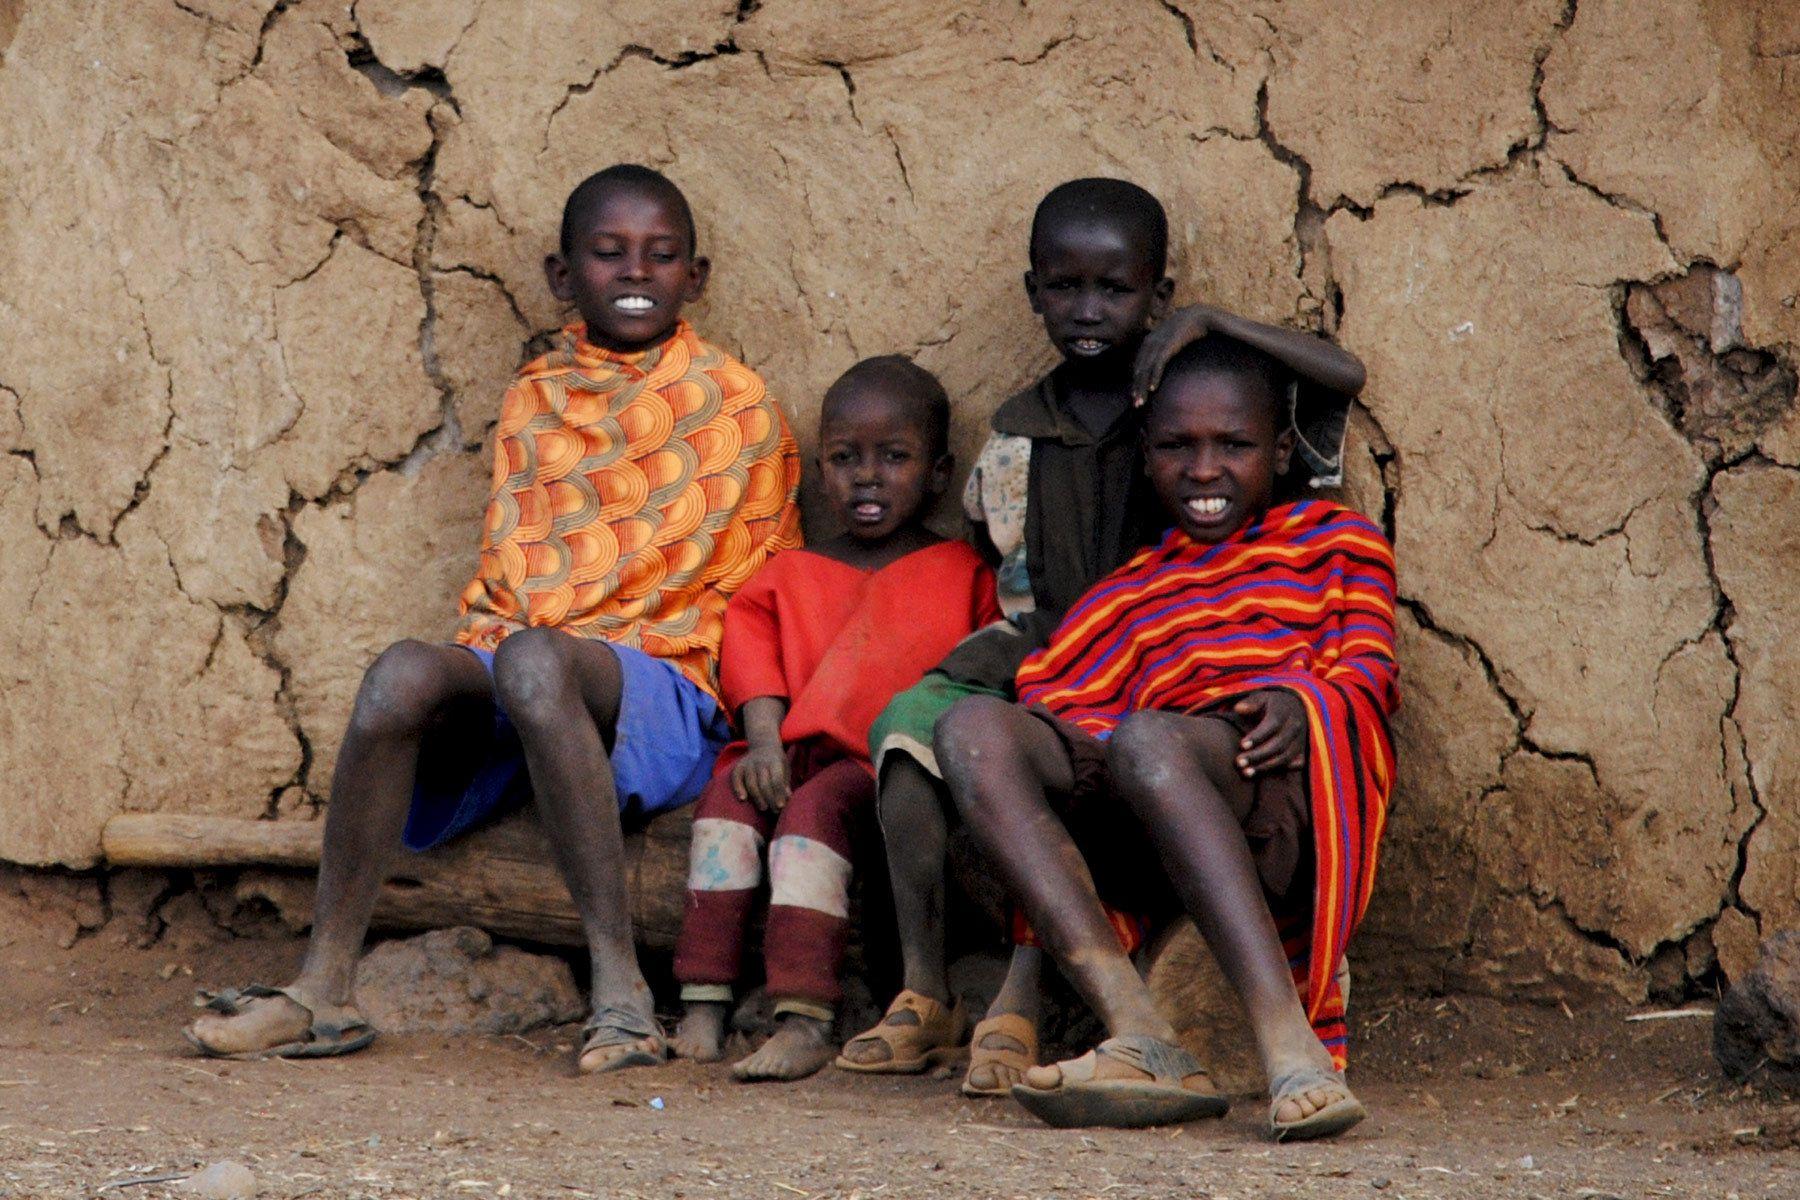 105___africa_kenya_maasai_village.jpg